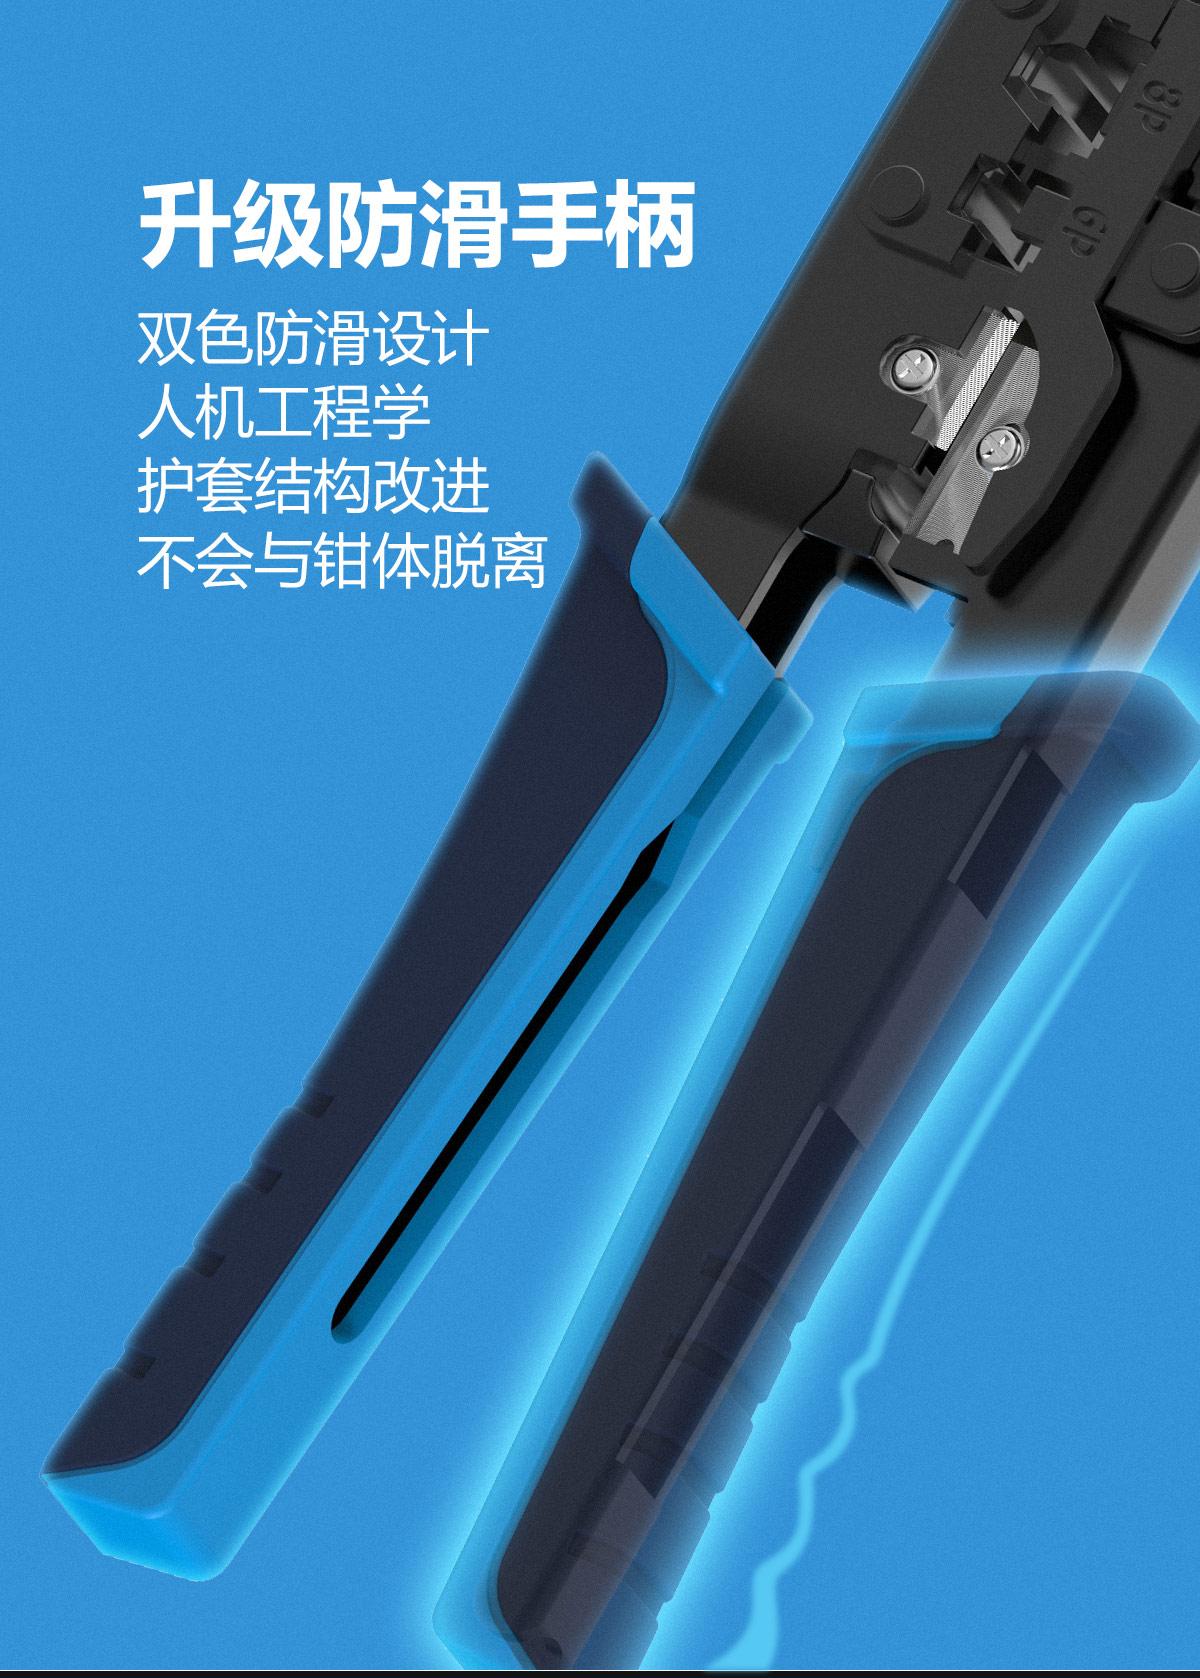 升级防滑手柄 双色防撞设计 人机工程学 护套结构改进 不会与钳体脱离